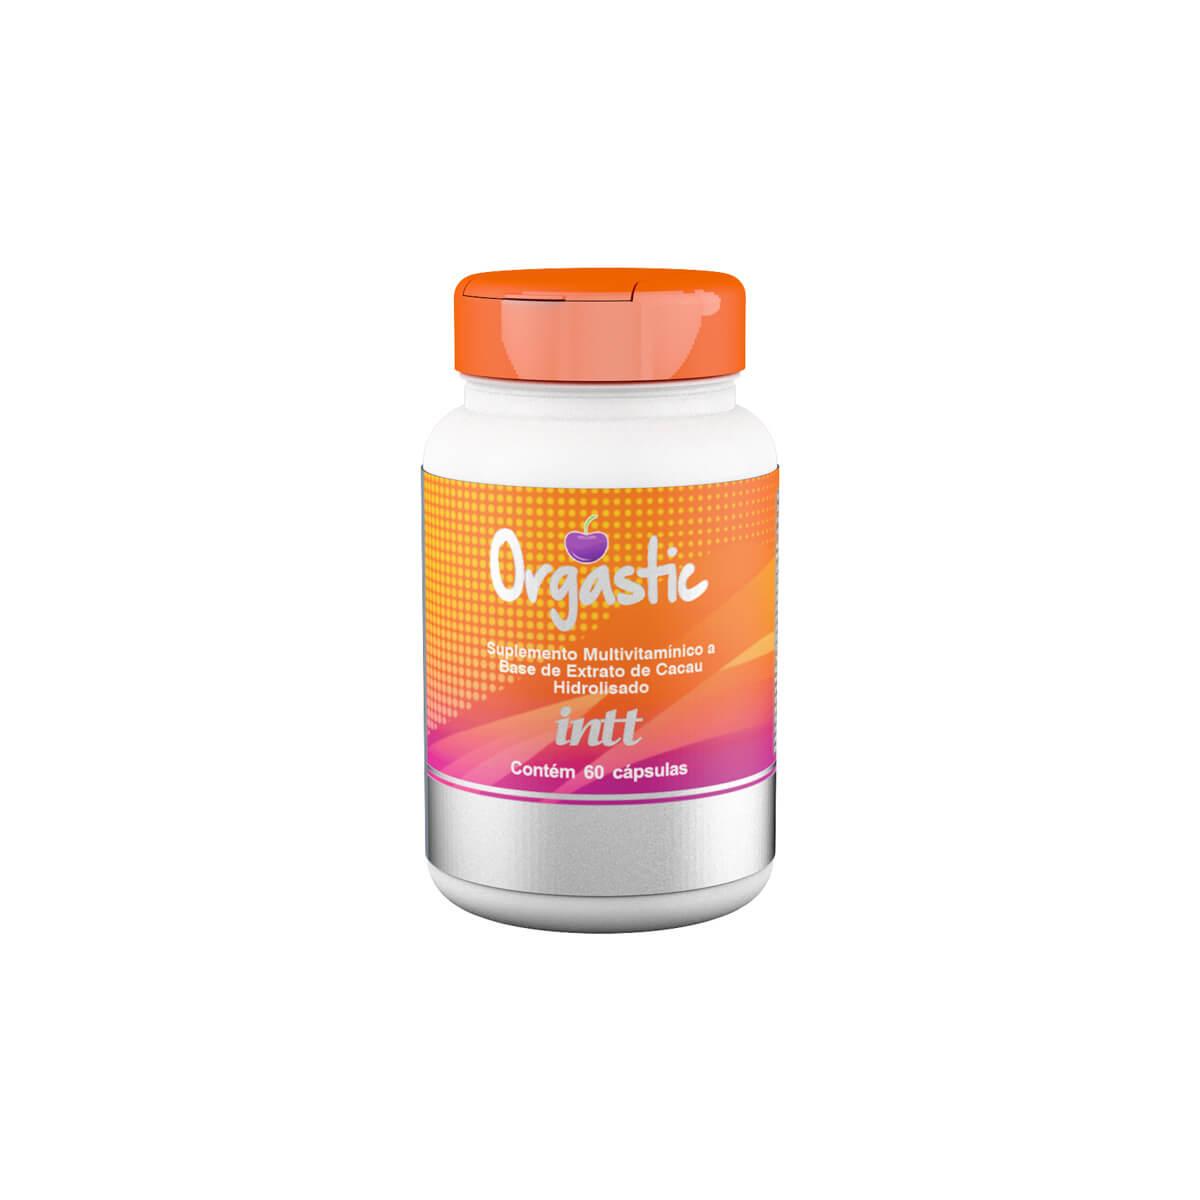 Suplemento Multivitamínico e Mineral que aumenta a Libido Feminino 60 Capsulas ORGASTIC